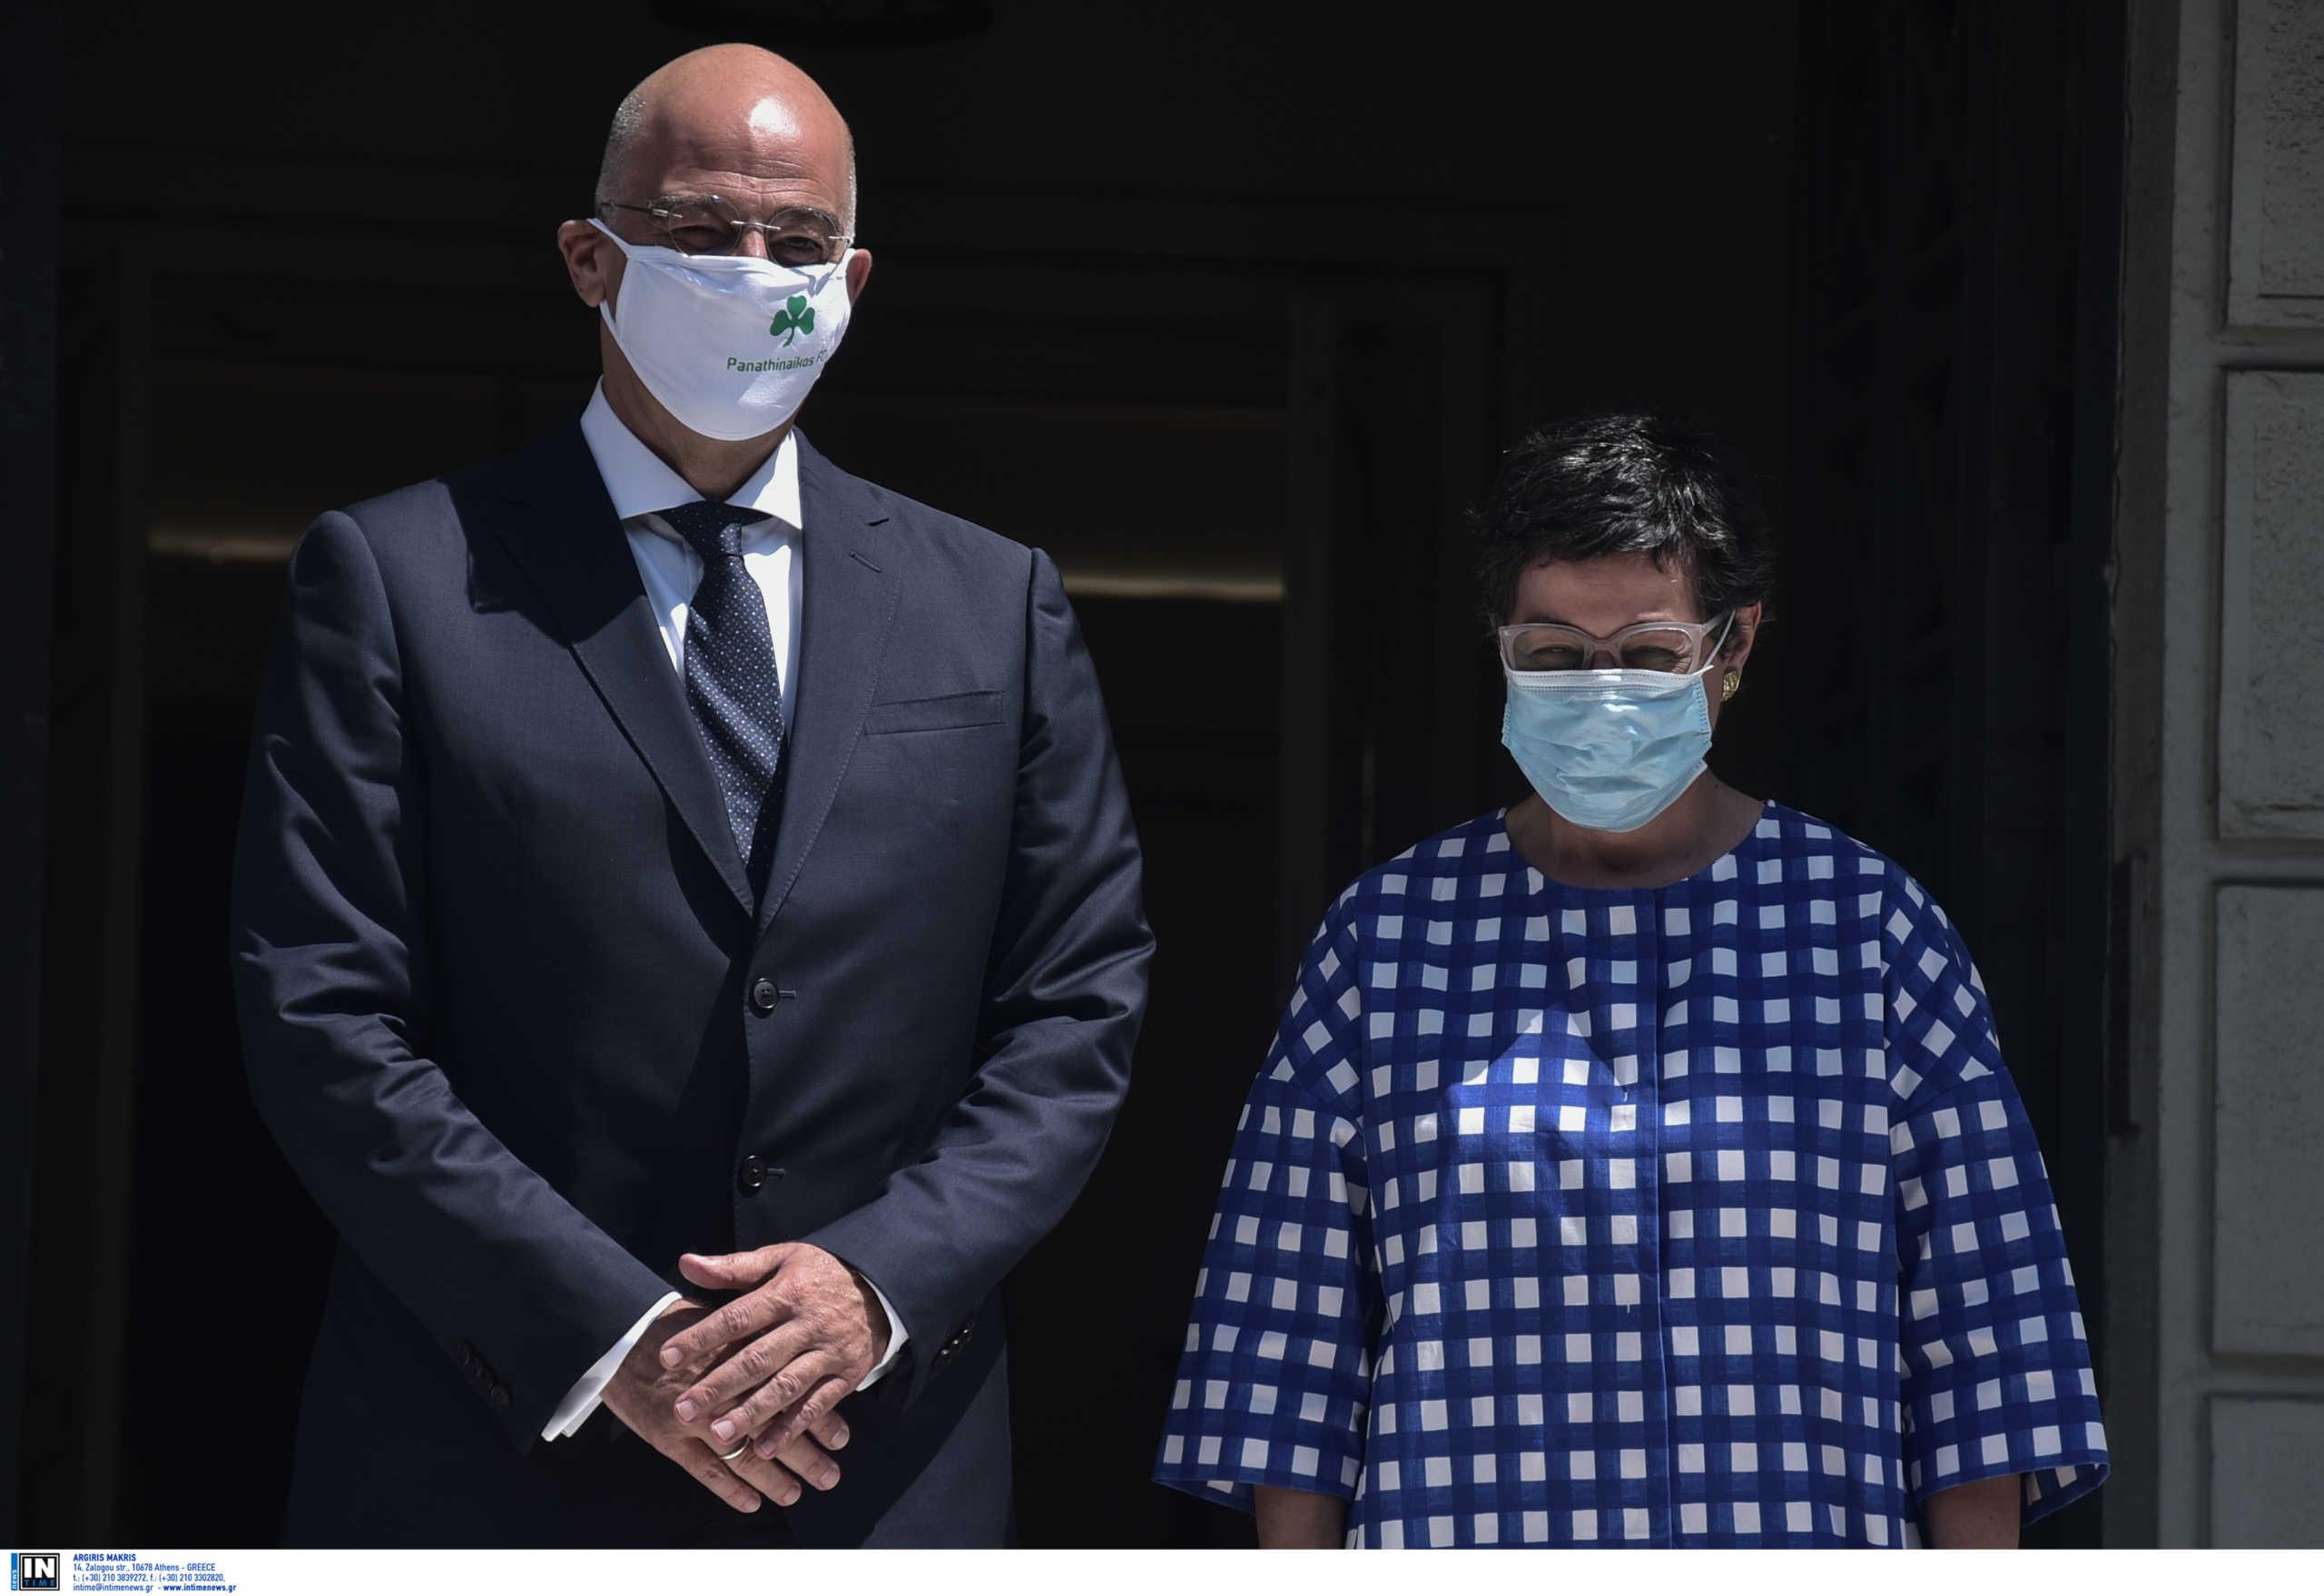 Με μάσκα του Παναθηναϊκού ο Δένδιας στη συνάντηση με την ΥΠ.ΕΞ της Ισπανίας (pics)